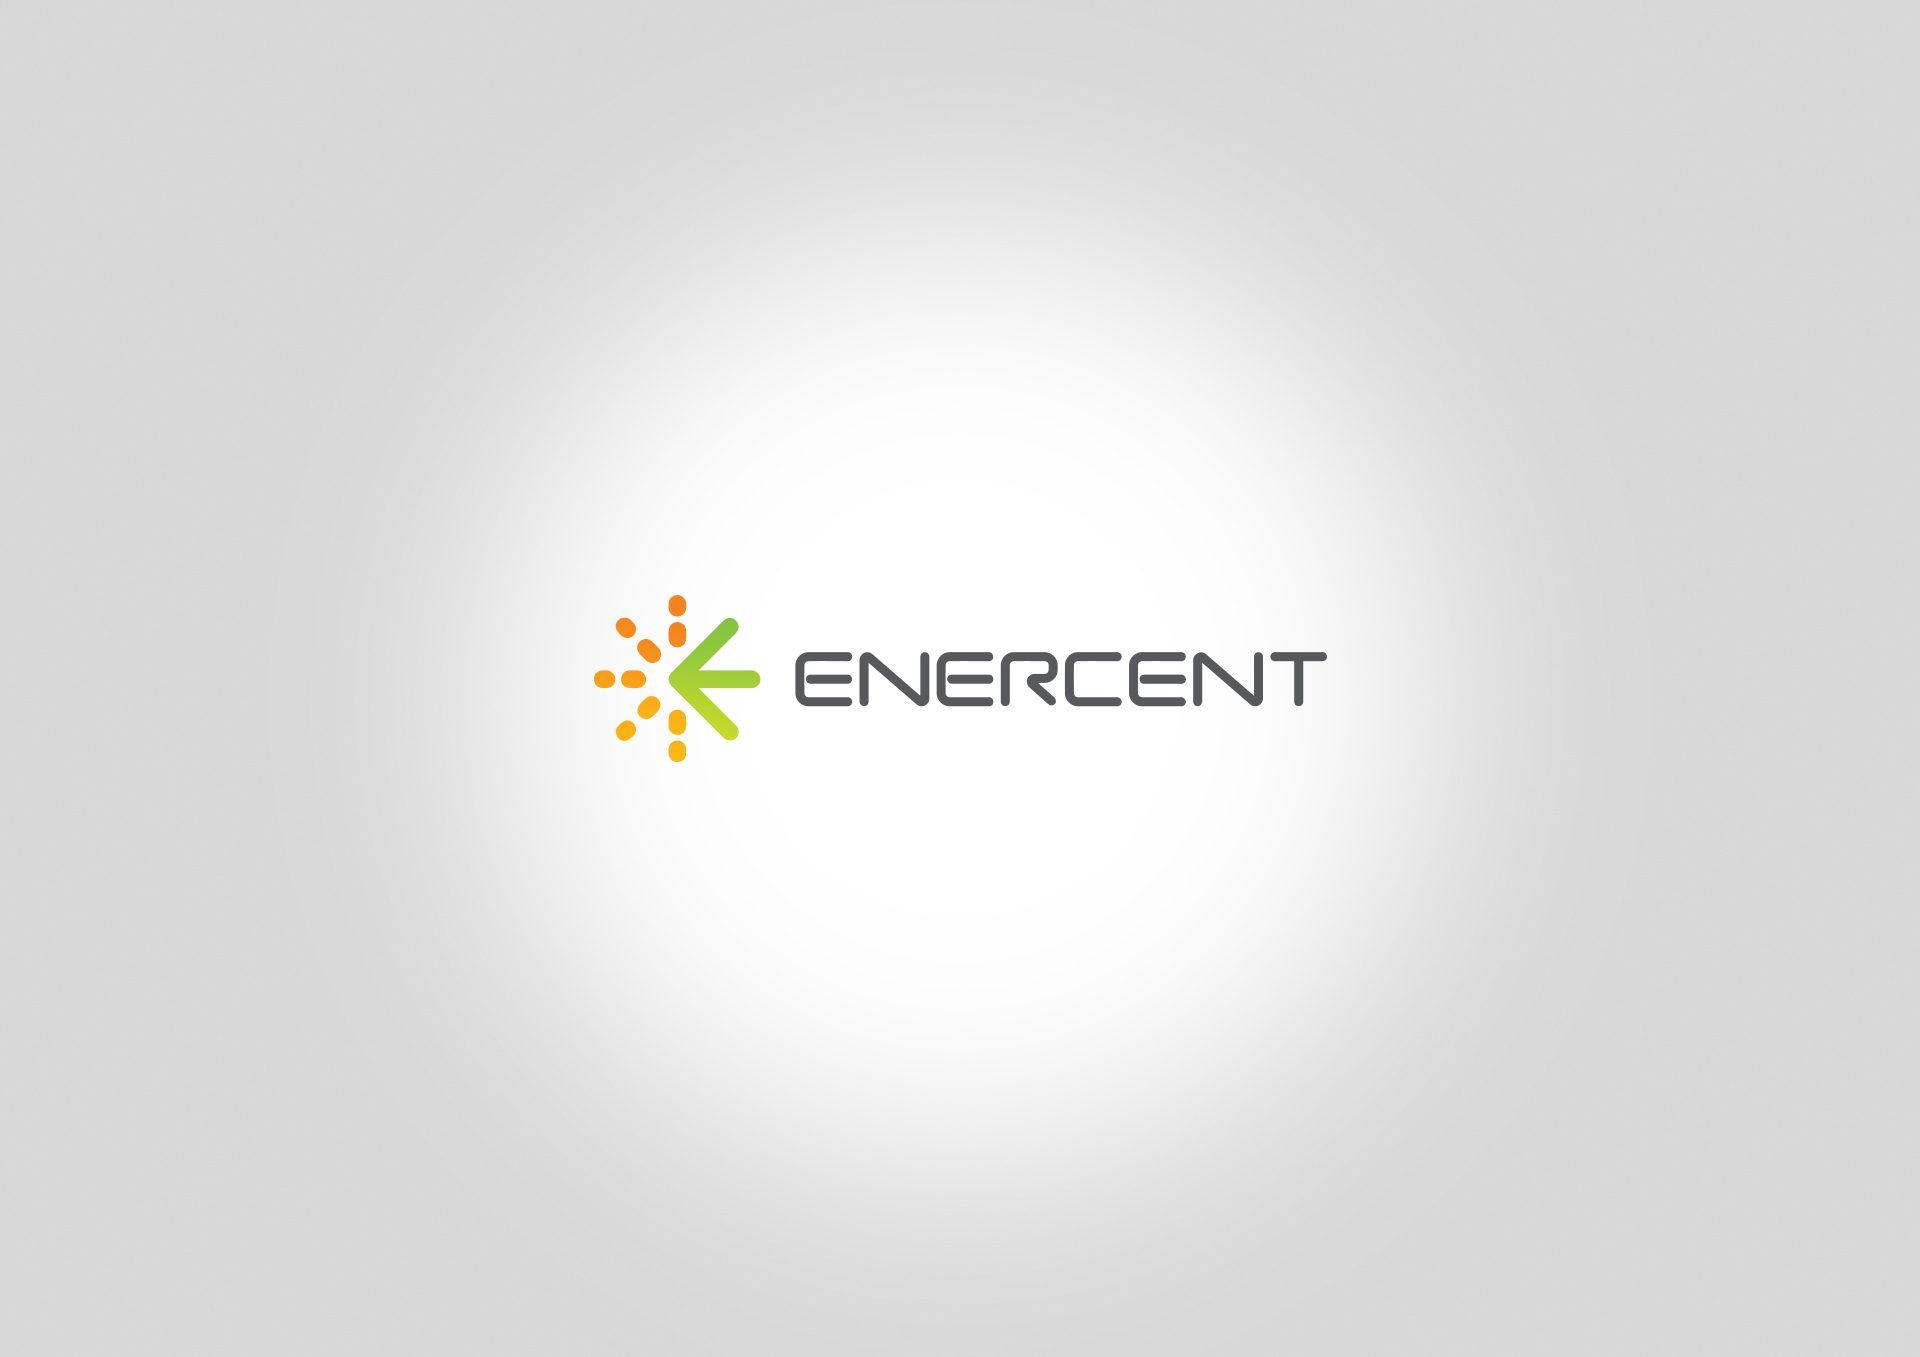 Enercent